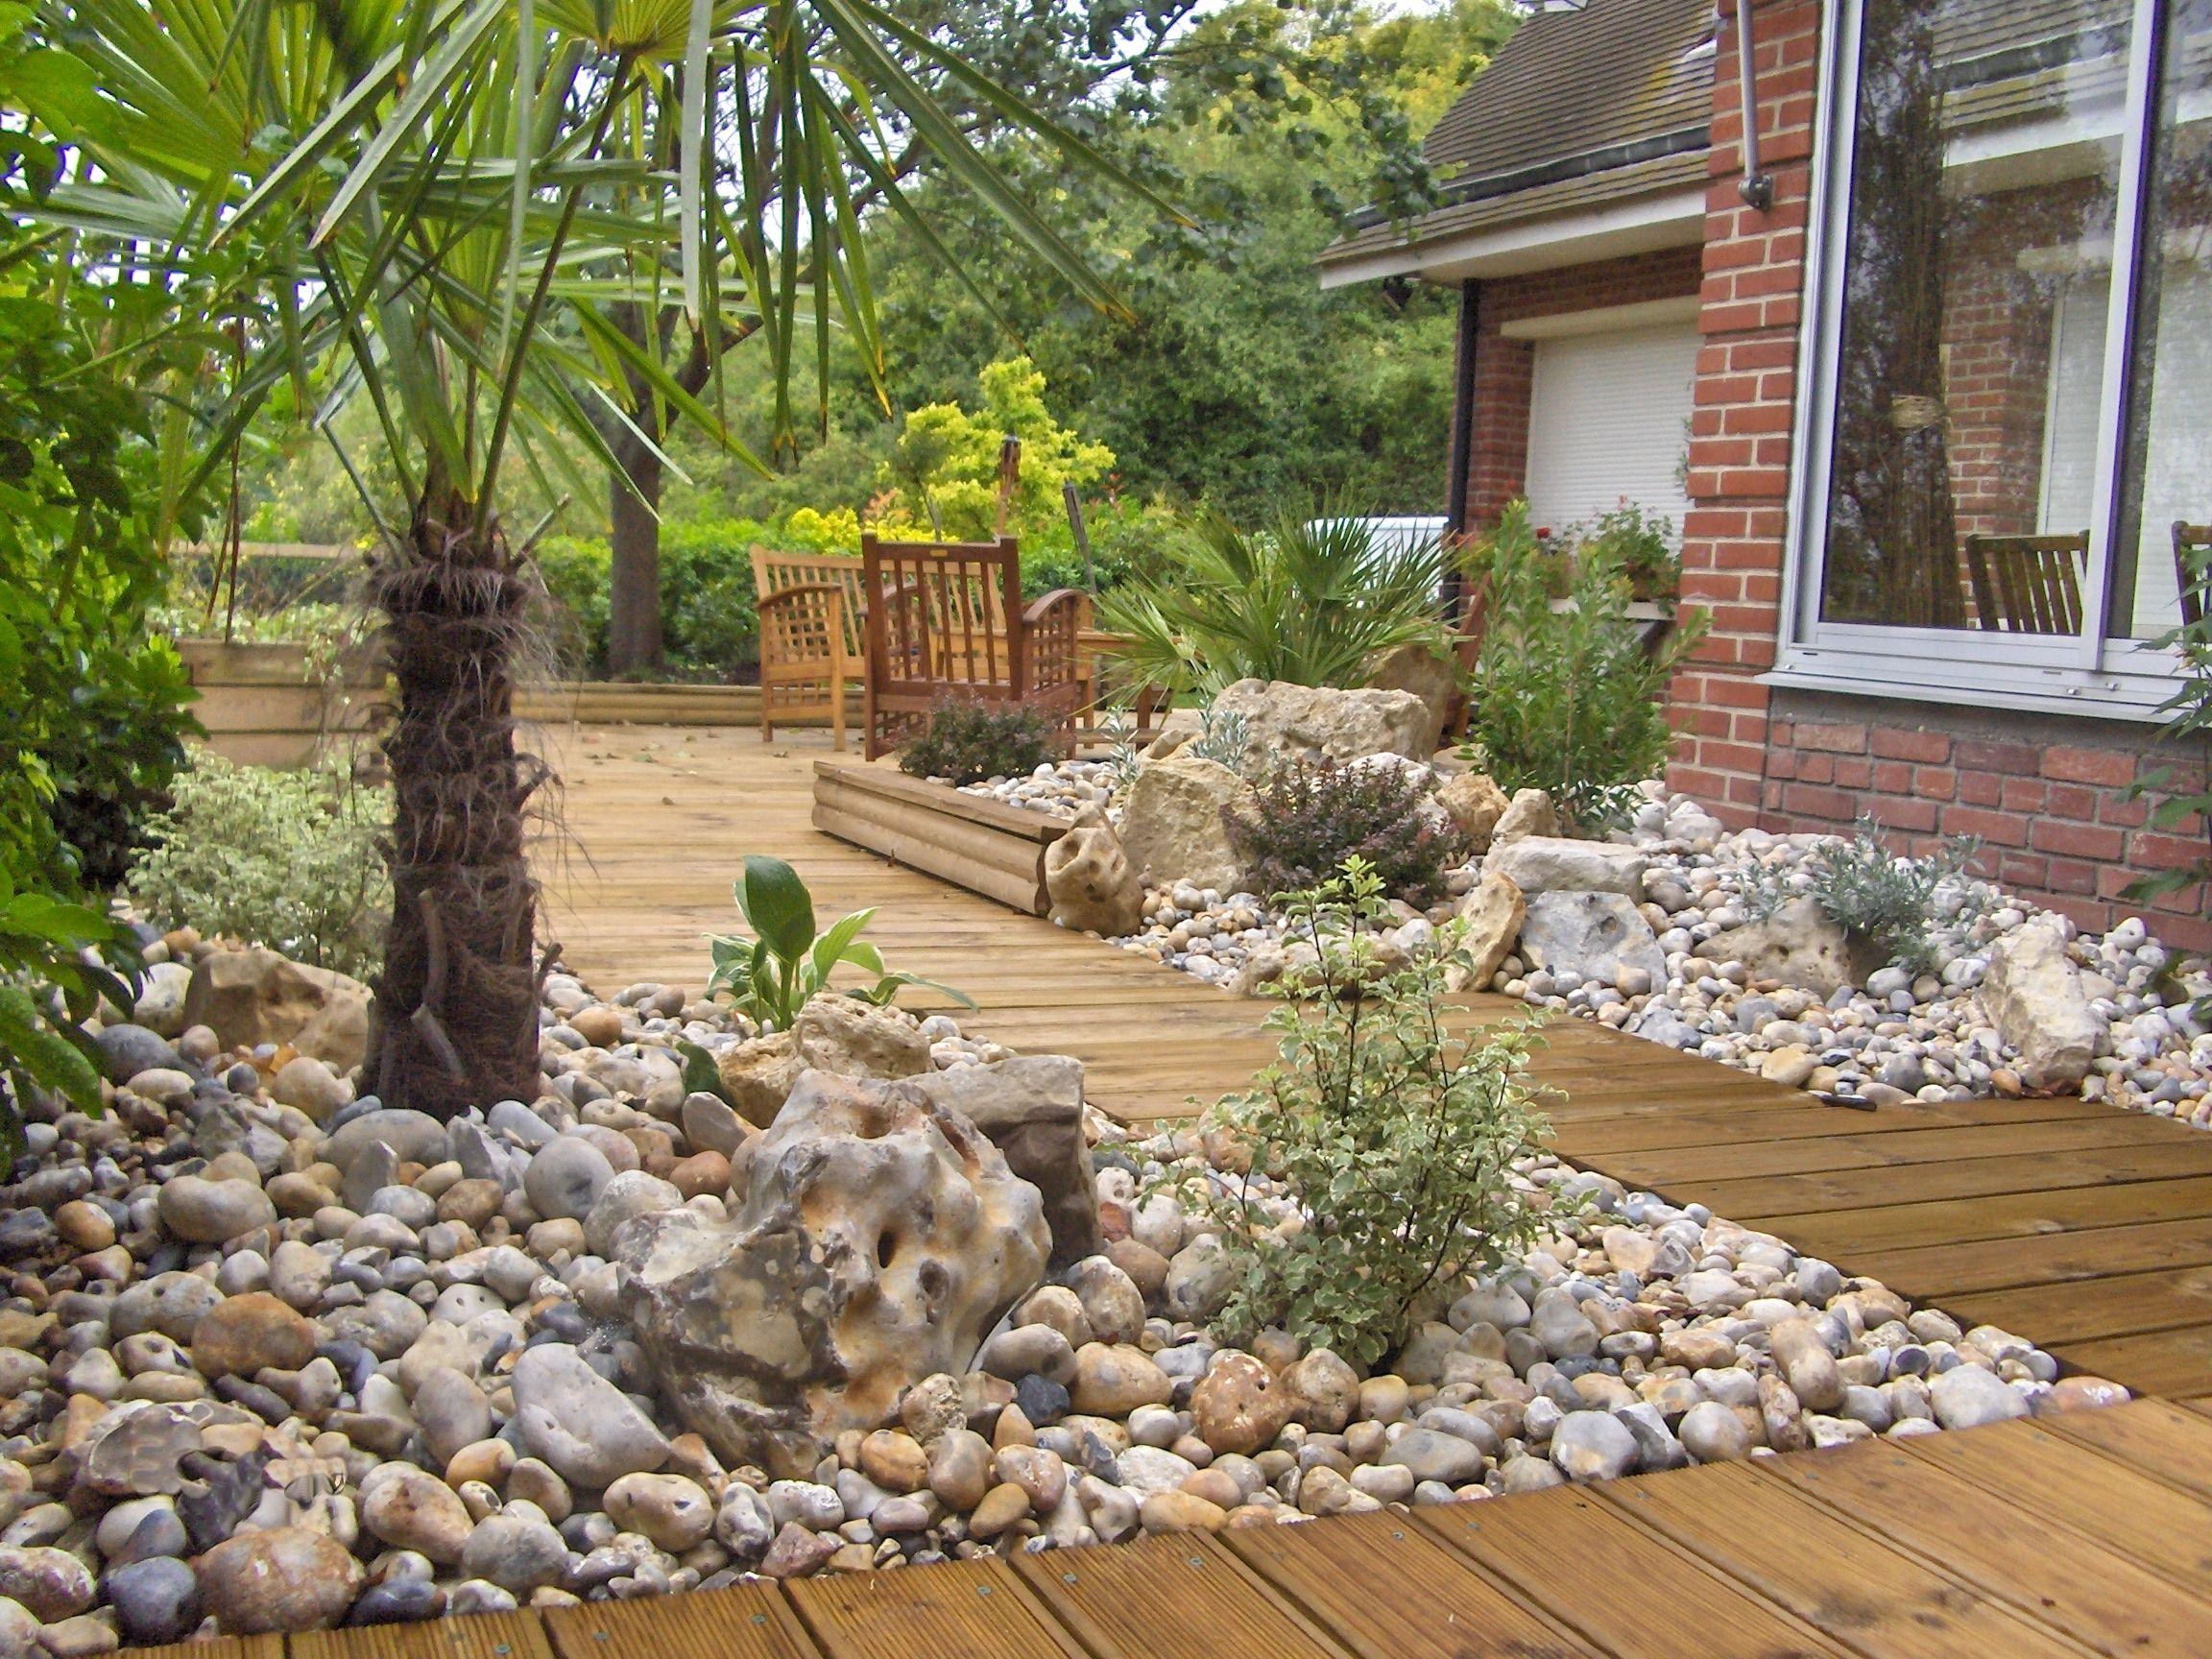 Jardin Sur Une Terrasse amenagement terrasse bois jardin terrasse en bois - idees